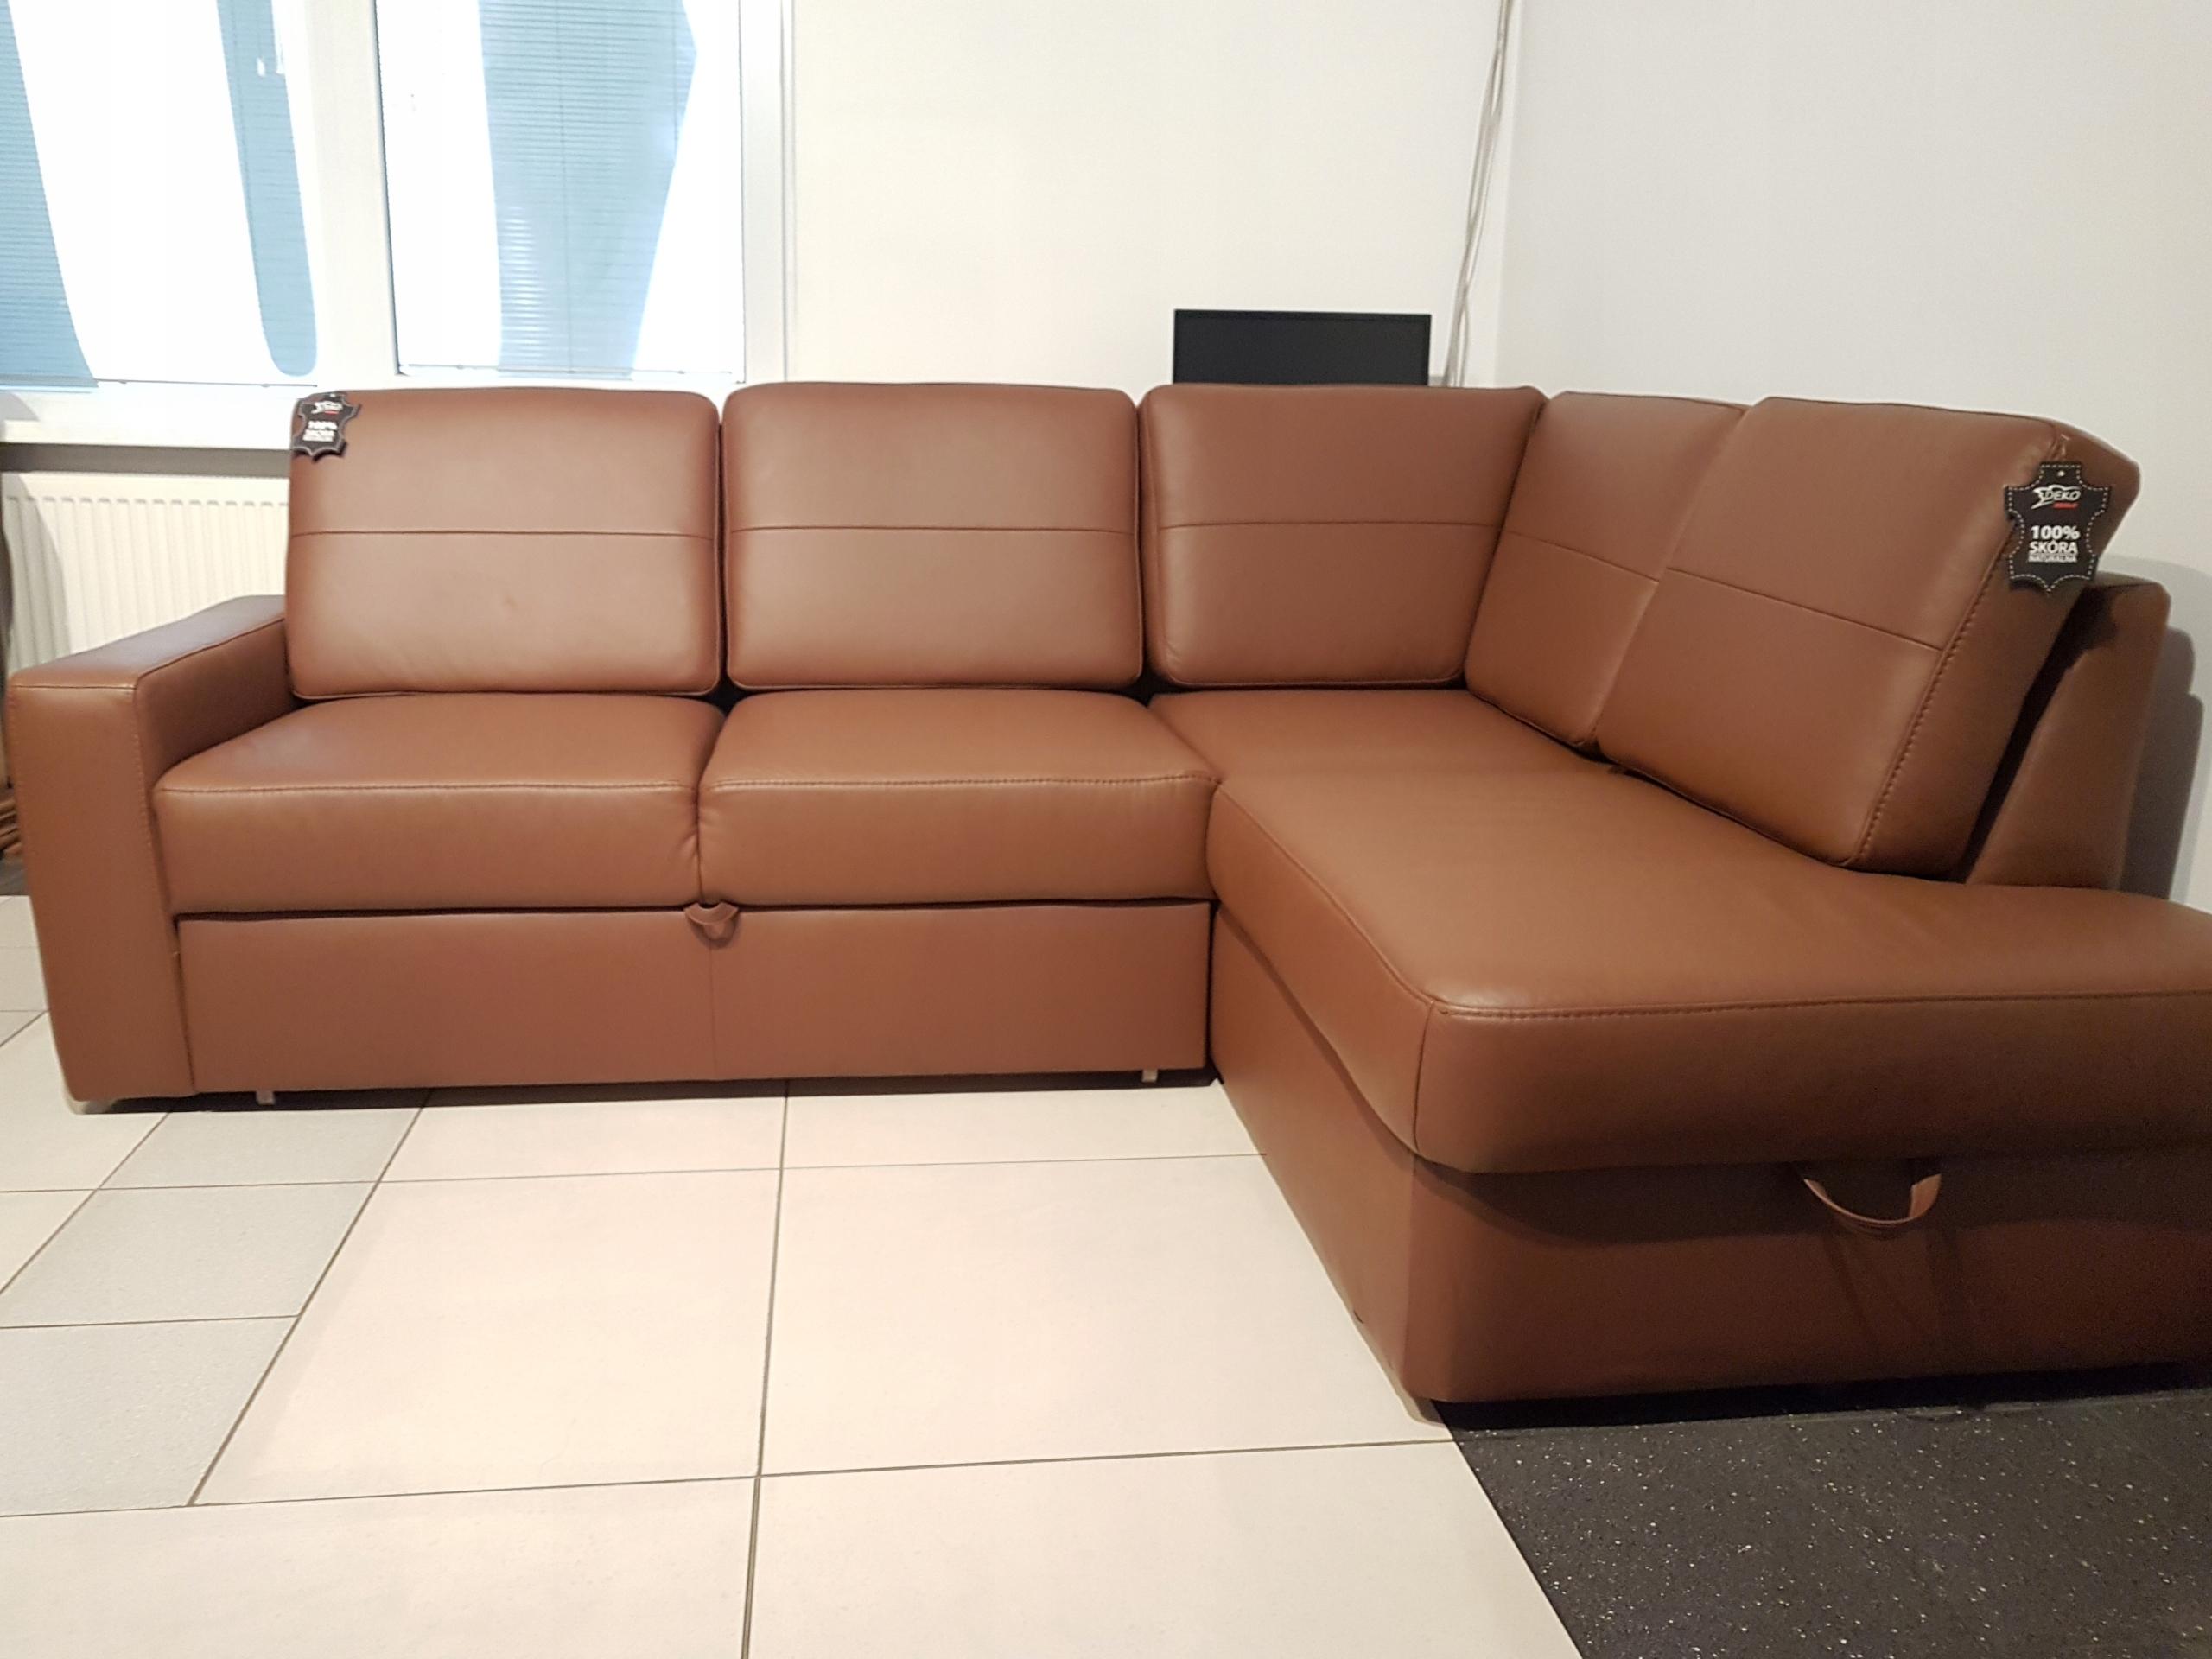 Фото на диване пара того